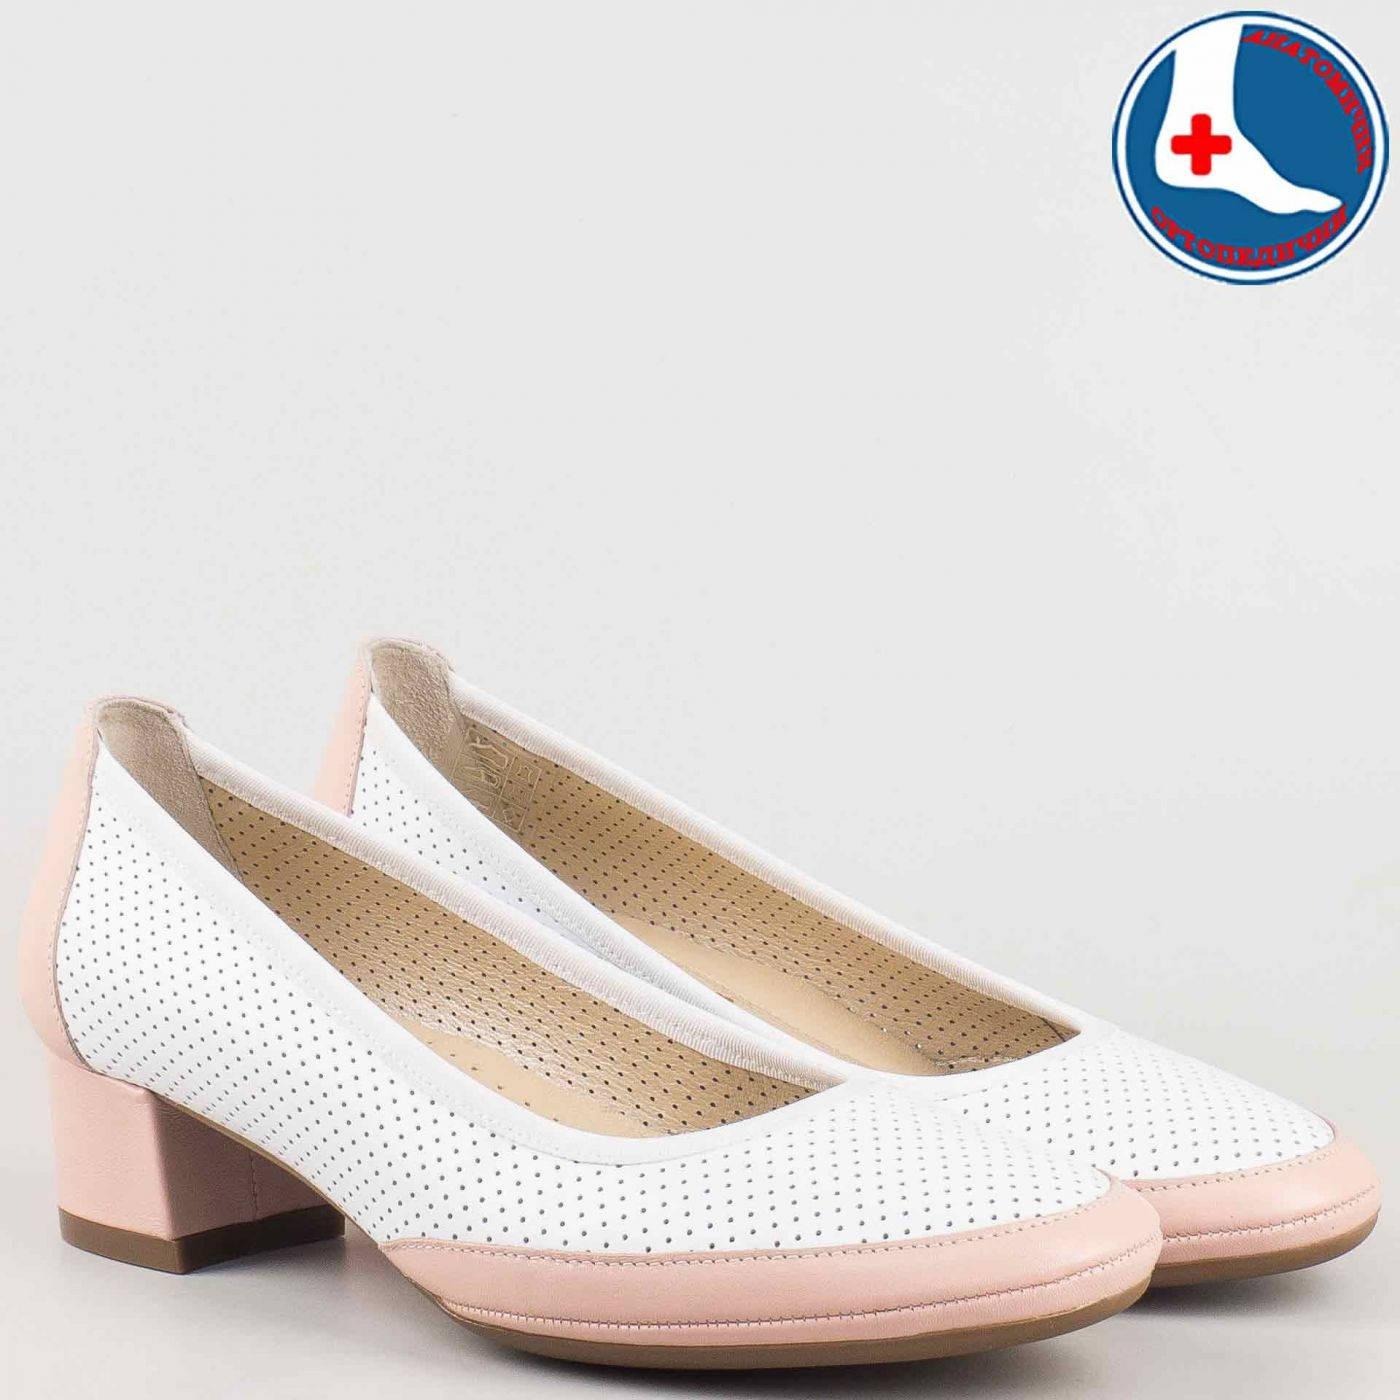 ff9eb1f34b5 Дамски перфорирани обувки- Naturelle на среден ток от естествена кожа в  розово и бяло и с кожена ортопедична стелка z6957030b - Sisi-bg.com